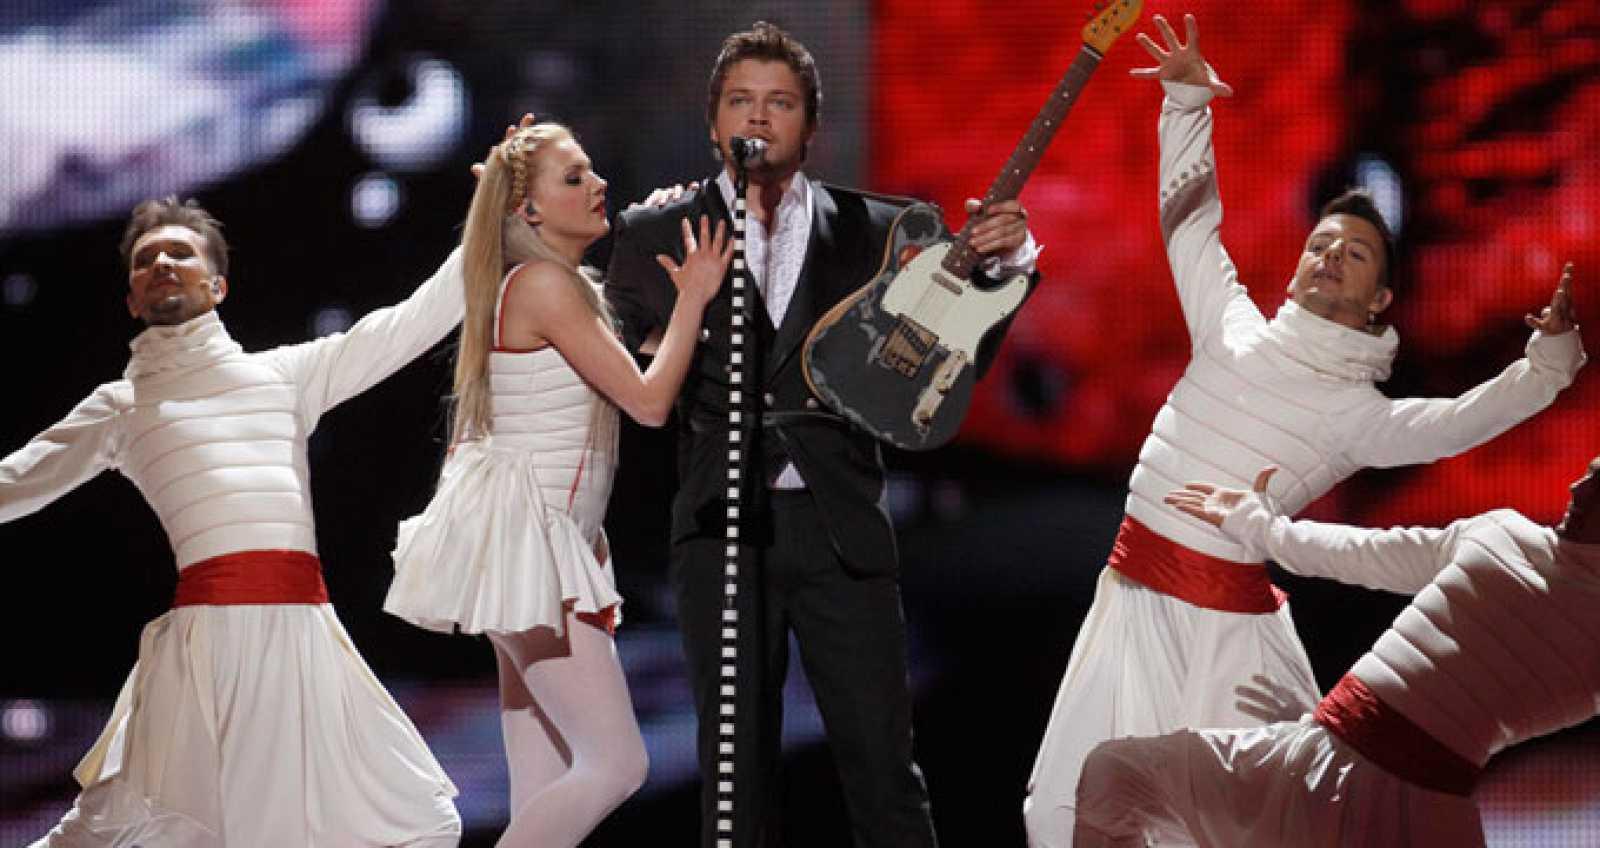 Eurovisión 2011 - 2ª semifinal - Macedonia